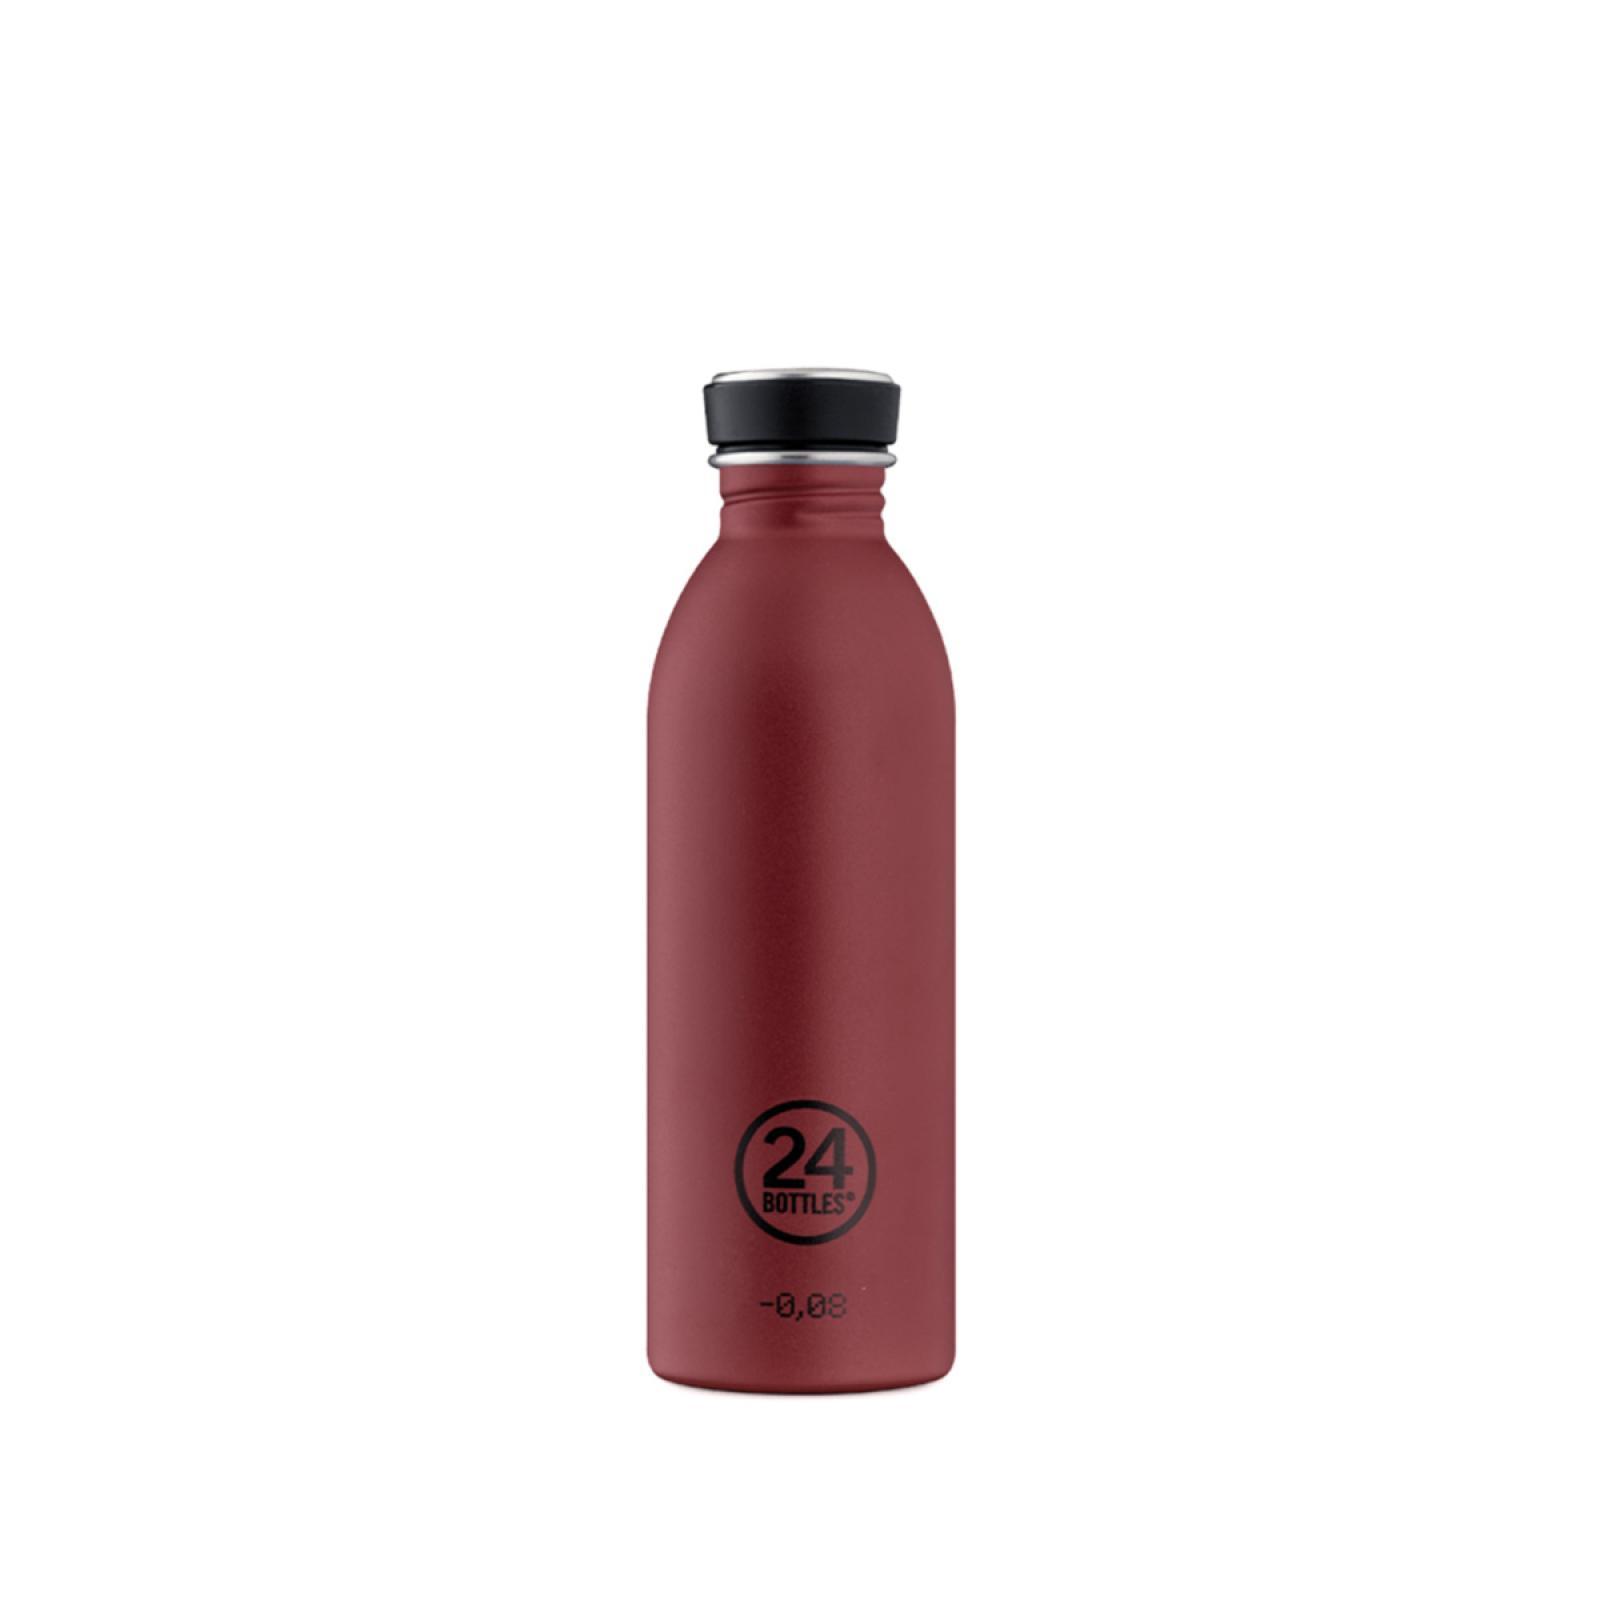 24 Bottles Urban Bottle Country Red 500 ml - 1